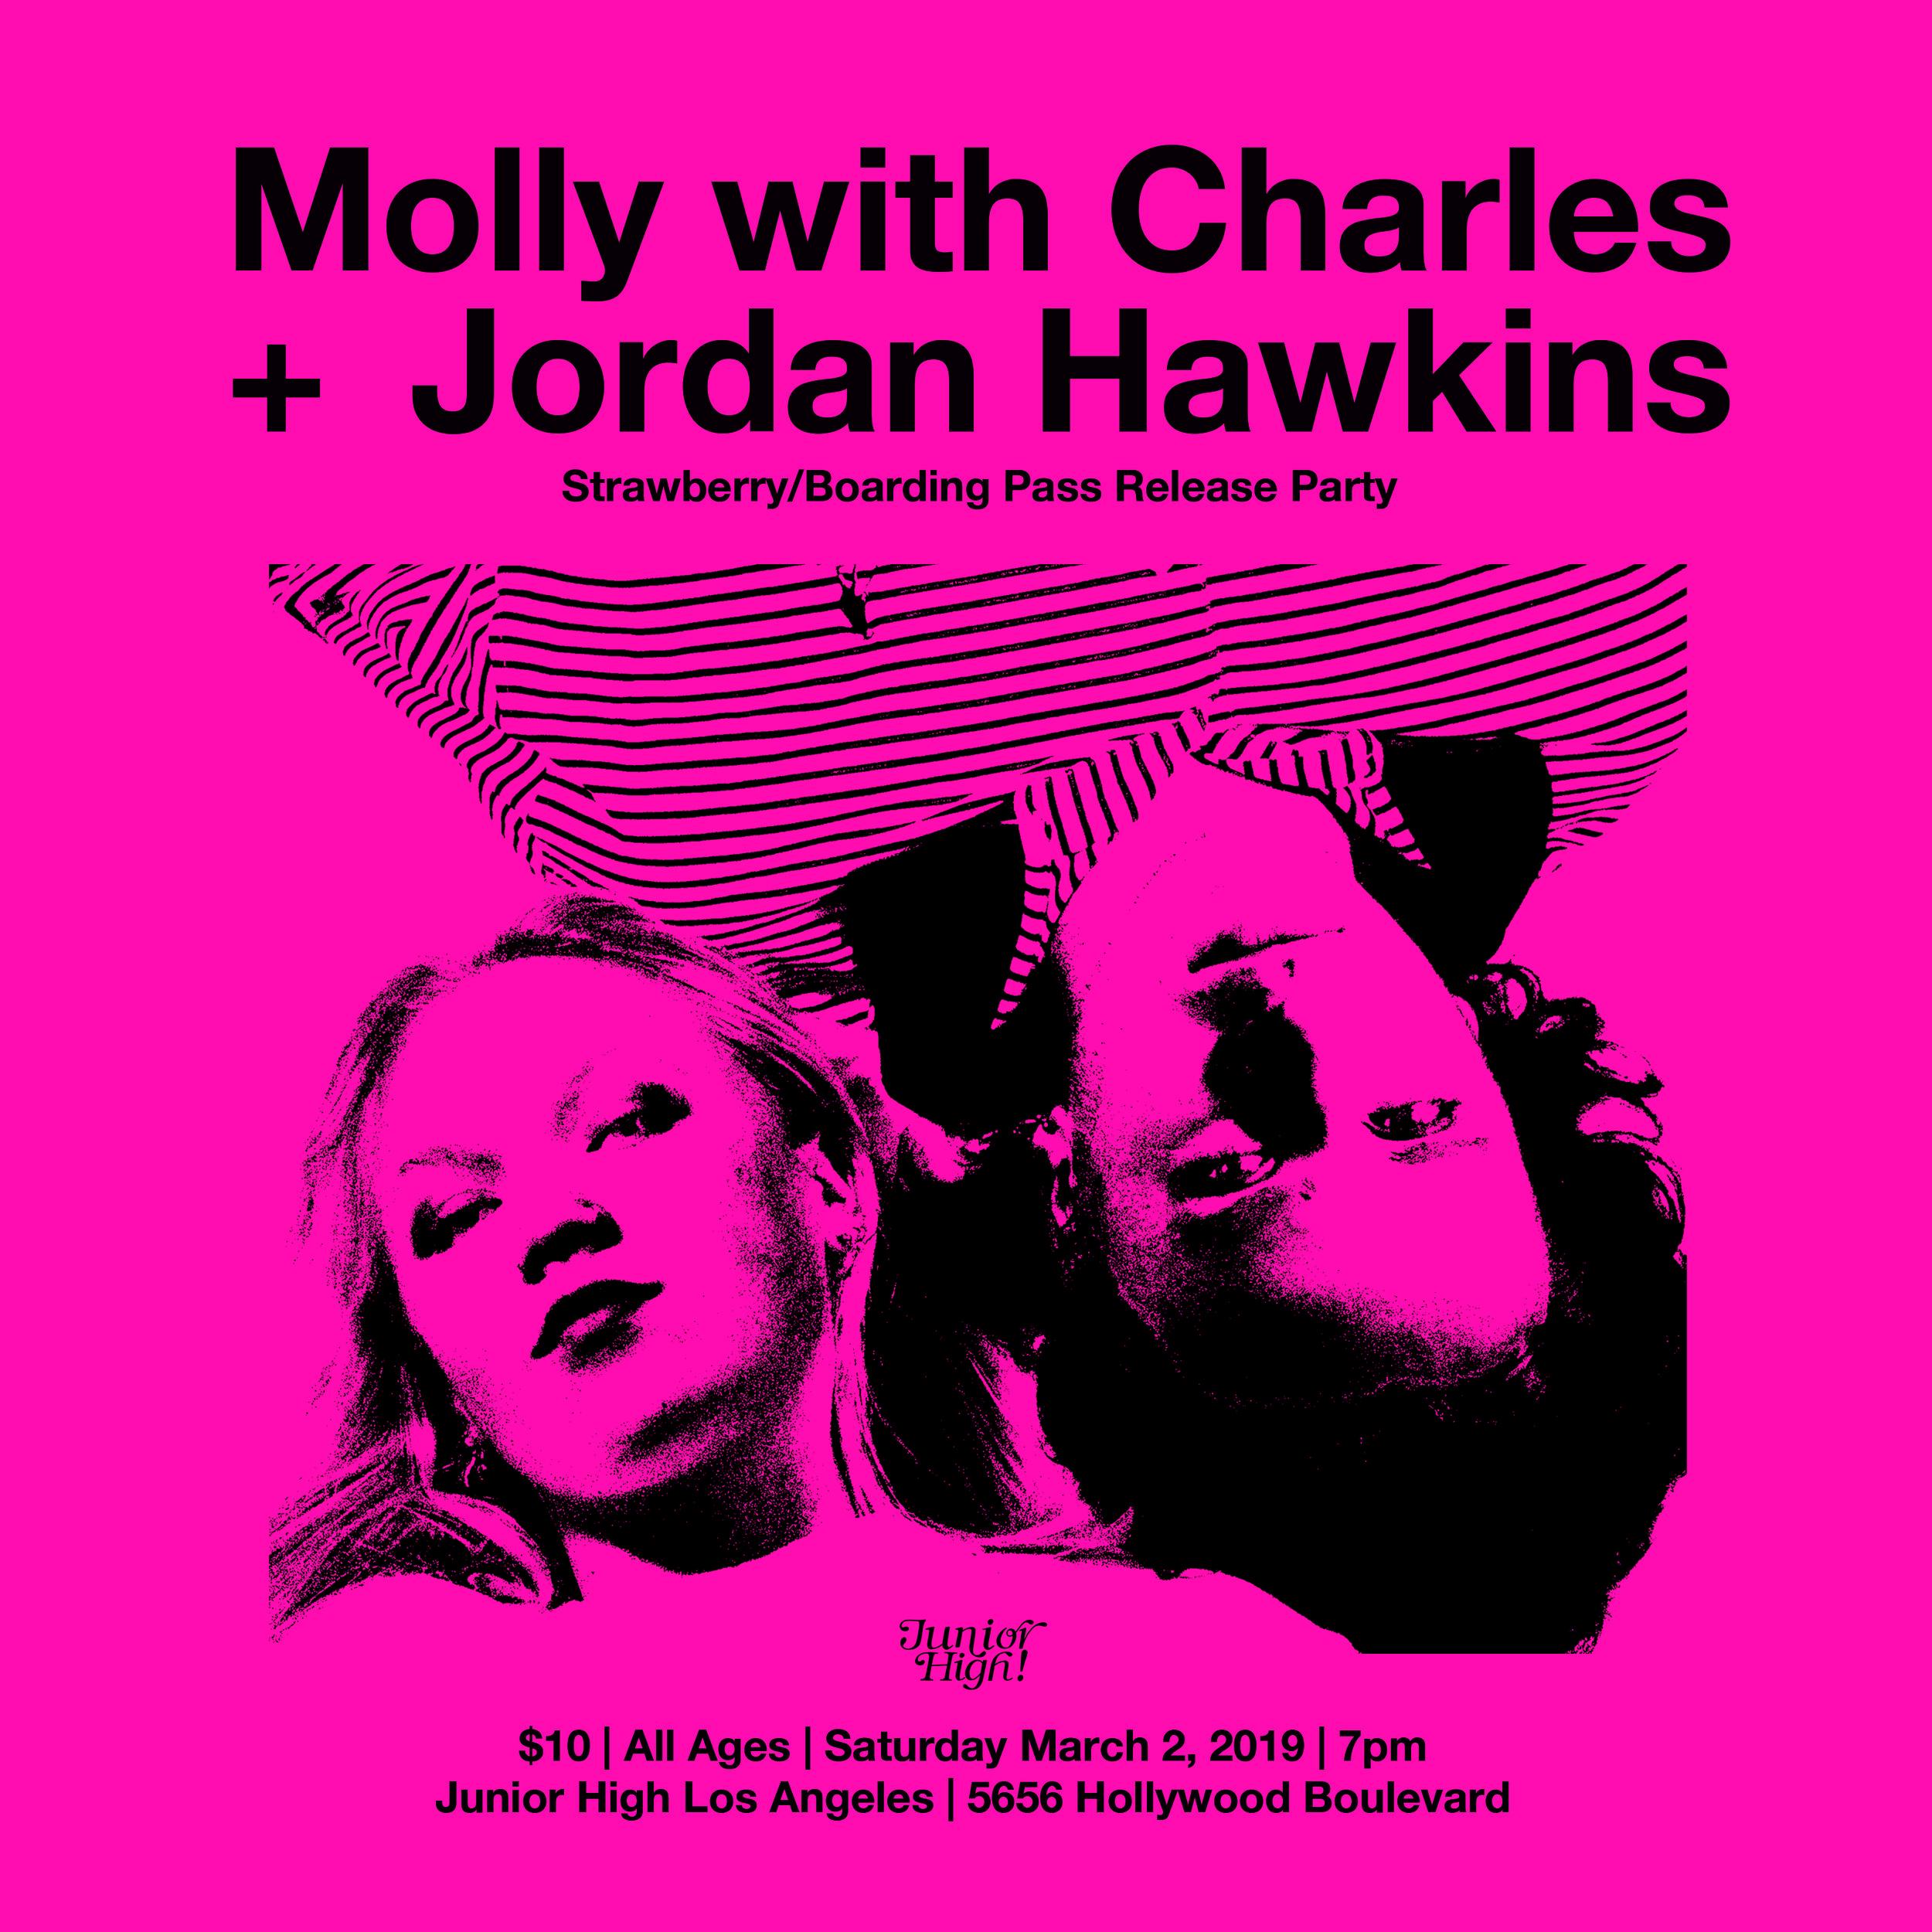 MollywithCharles.jpg